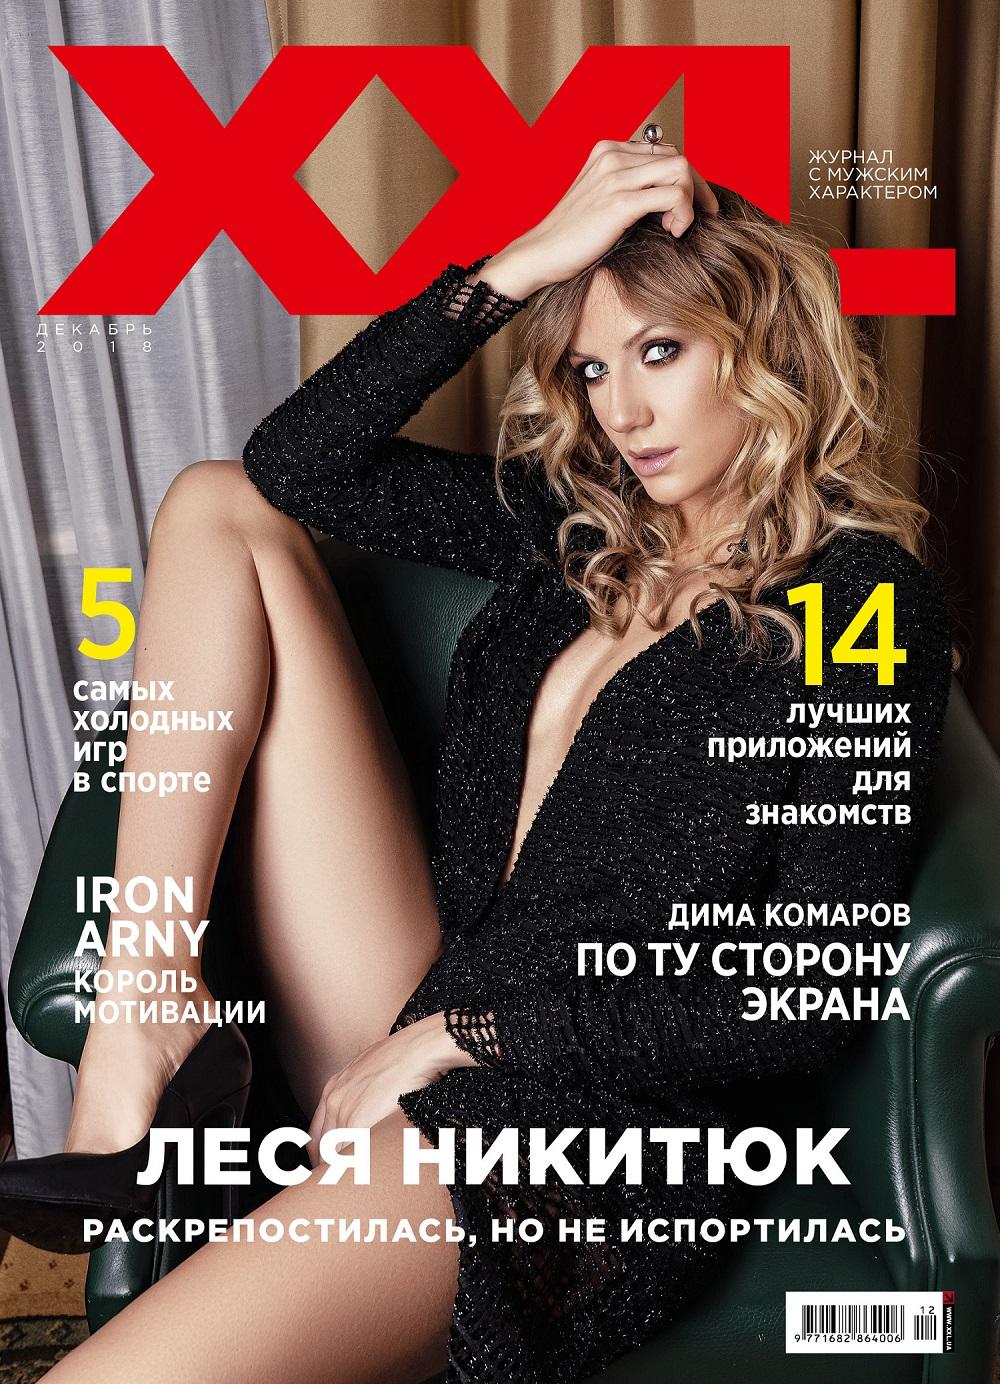 леся никитюк xxl